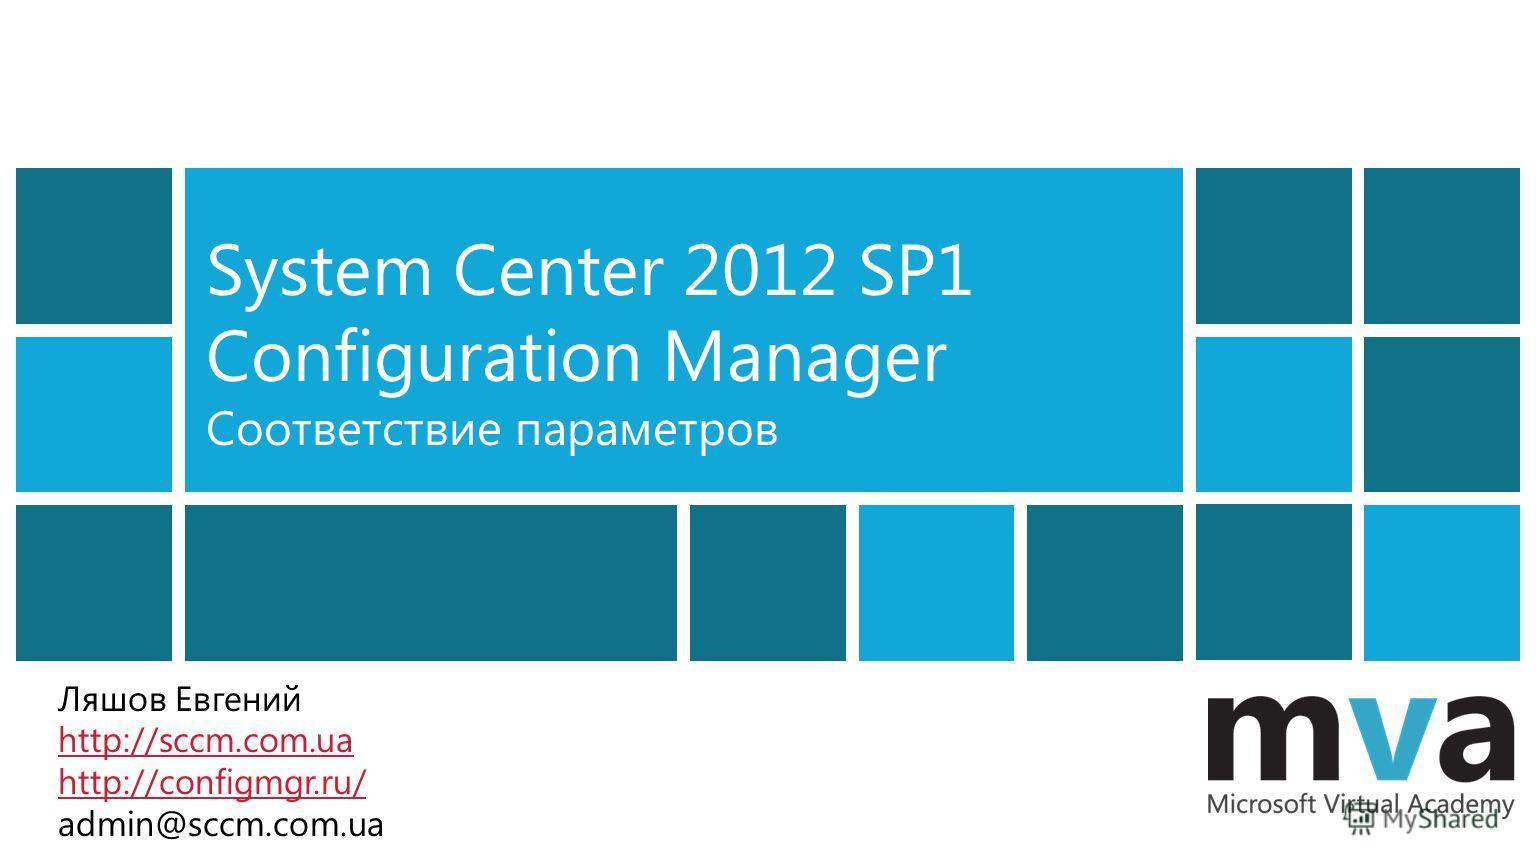 System Center 2012 SP1 Configuration Manager Соответствие параметров Ляшов Евгений http://sccm.com.ua http://configmgr.ru/ admin@sccm.com.ua